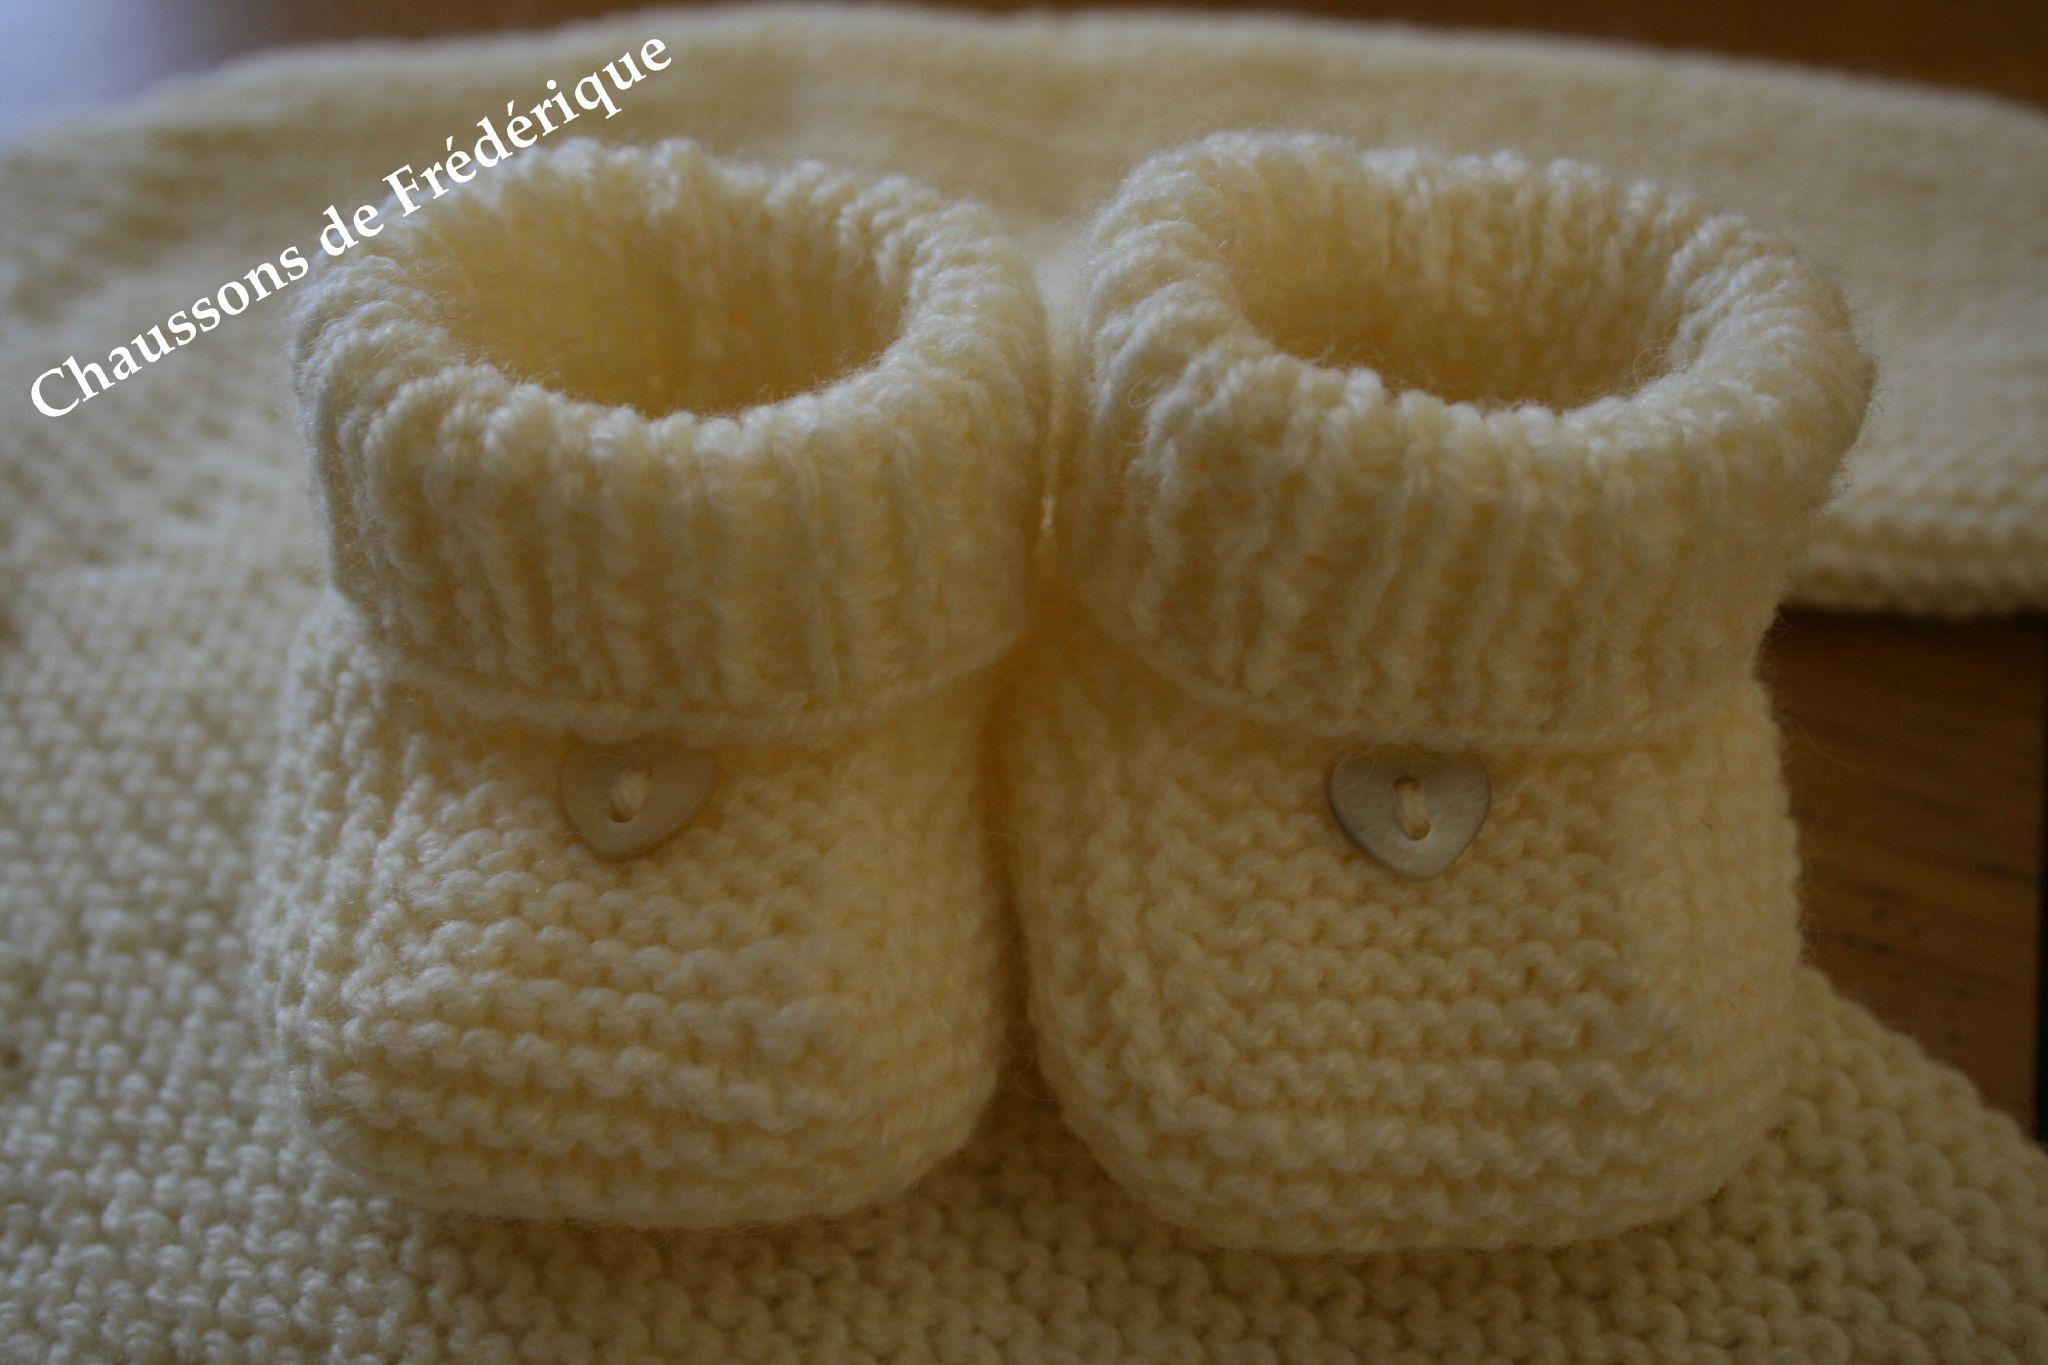 CHAPITRE 18 - Faire des bottons (chaussons bébé). Modèle gratuit. -  L atelier tricot de Mam  Yveline. 43588d7dc89